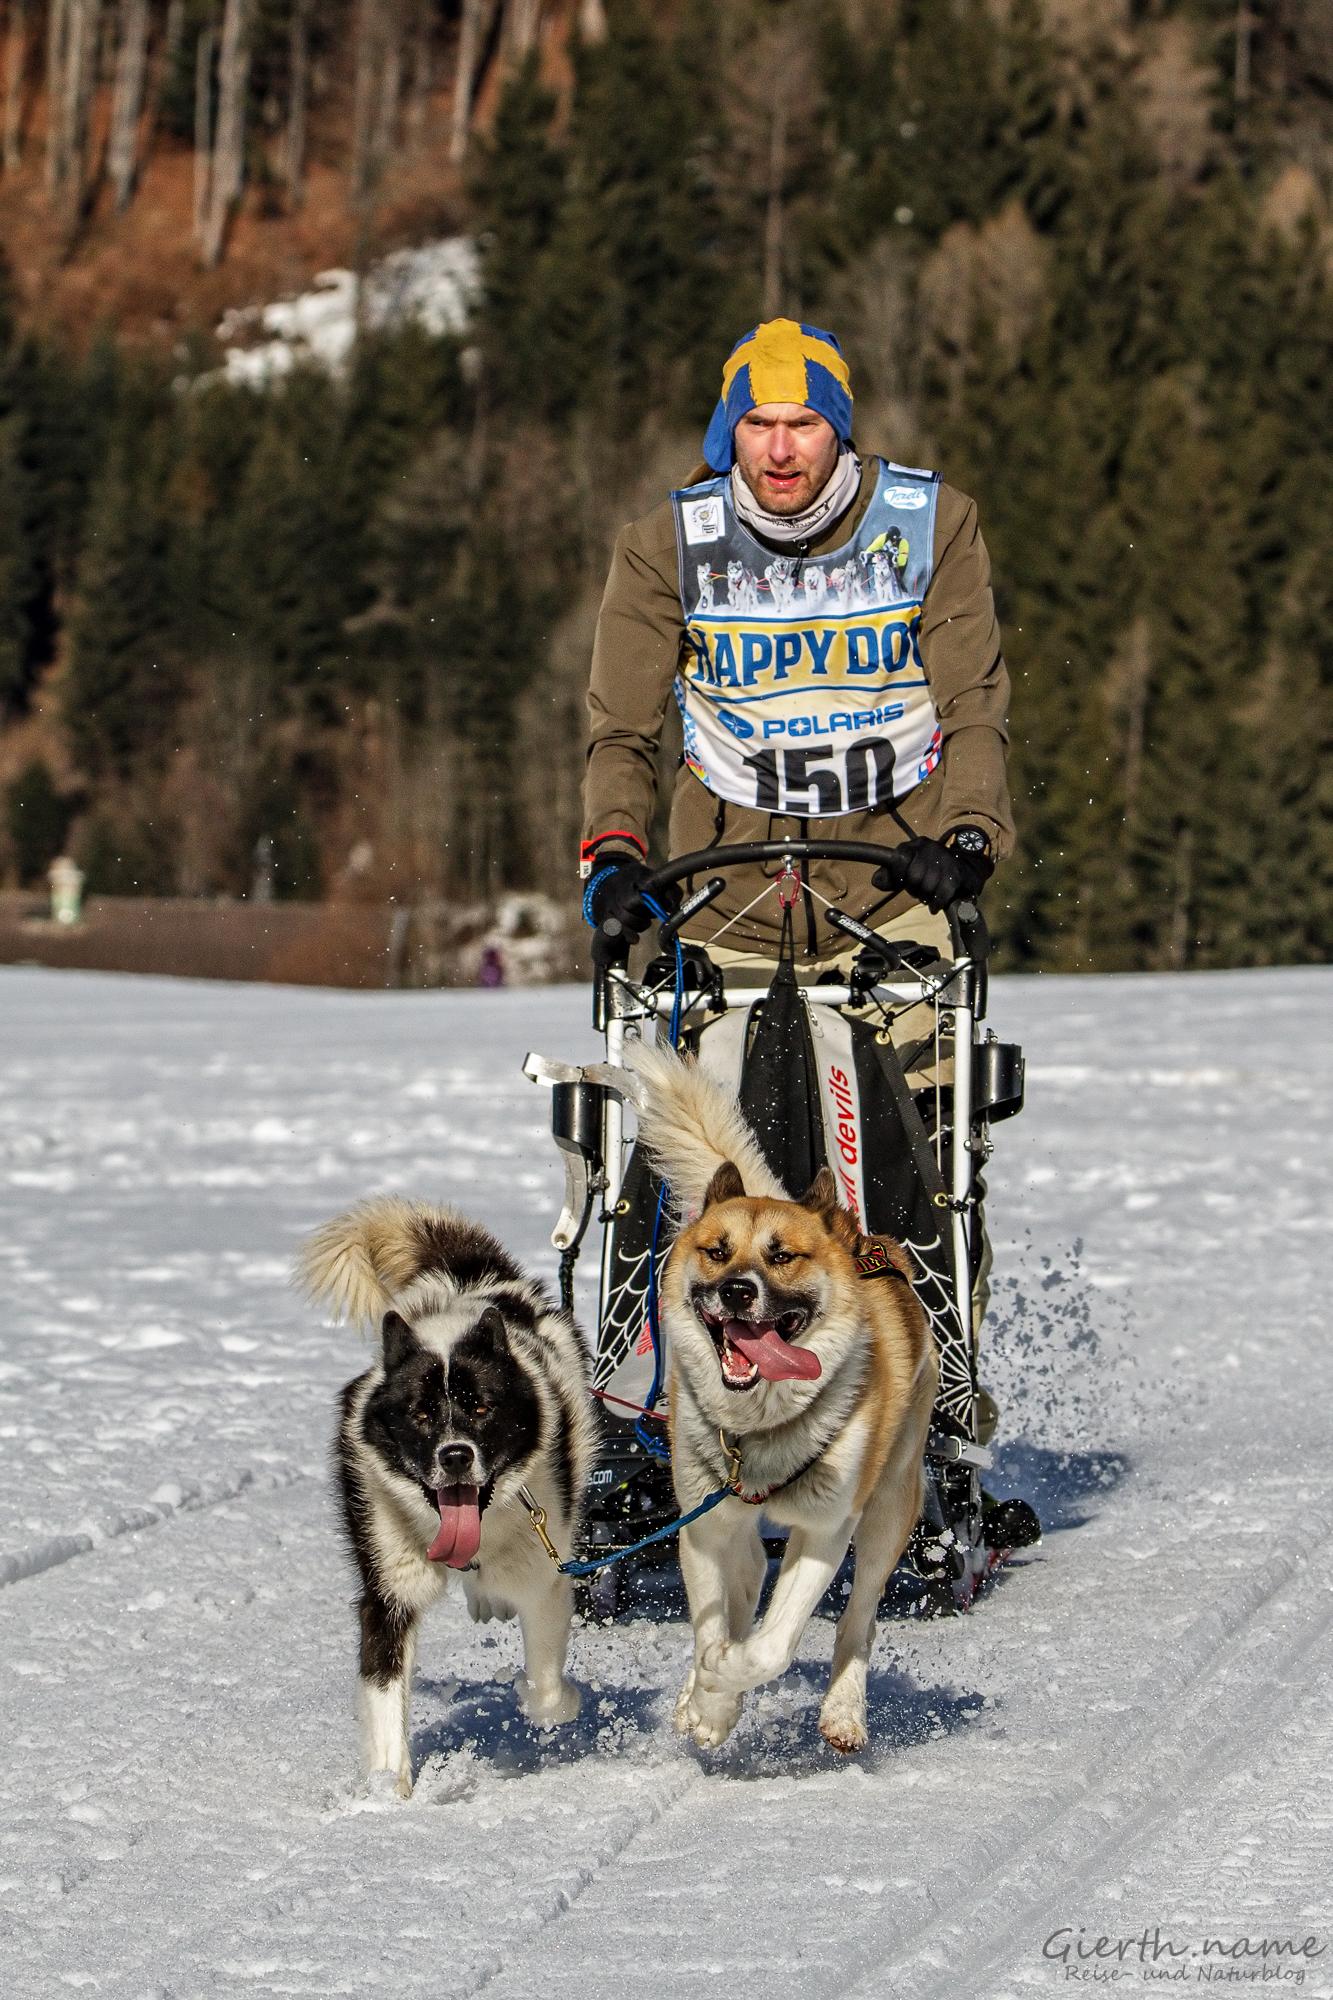 Schlittenhunderennen in Inzell, Musher mit der Nr. 150